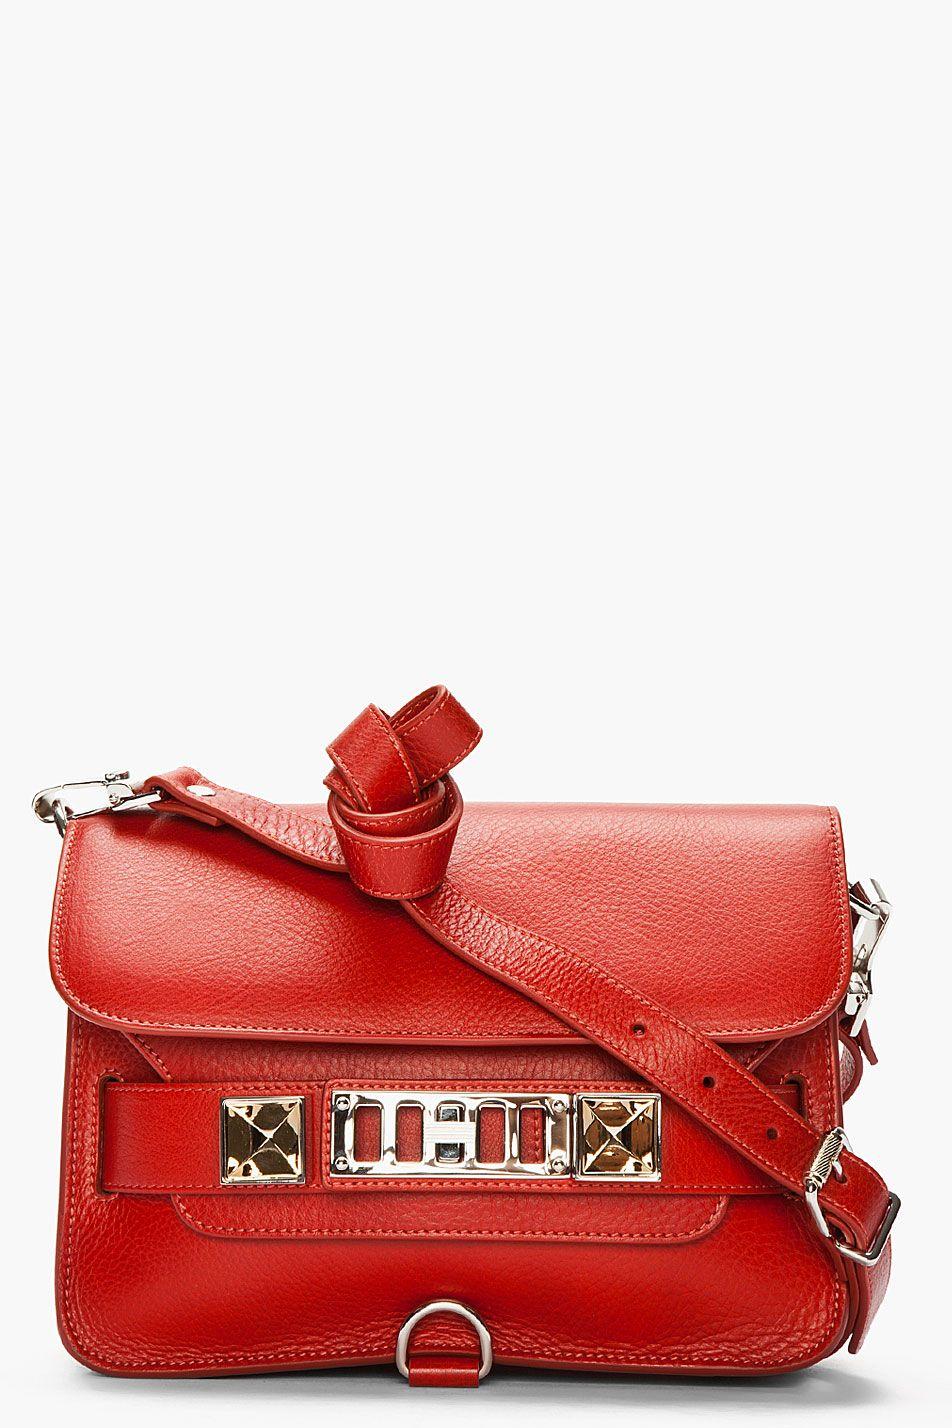 Proenza Schouler     Paprika Leather Ps11 Mini Classic. PROENZA SCHOULER   MyPaprikaIsHotterThanYours  OPIEuroCentrale New Handbags b4d26f3de0d48